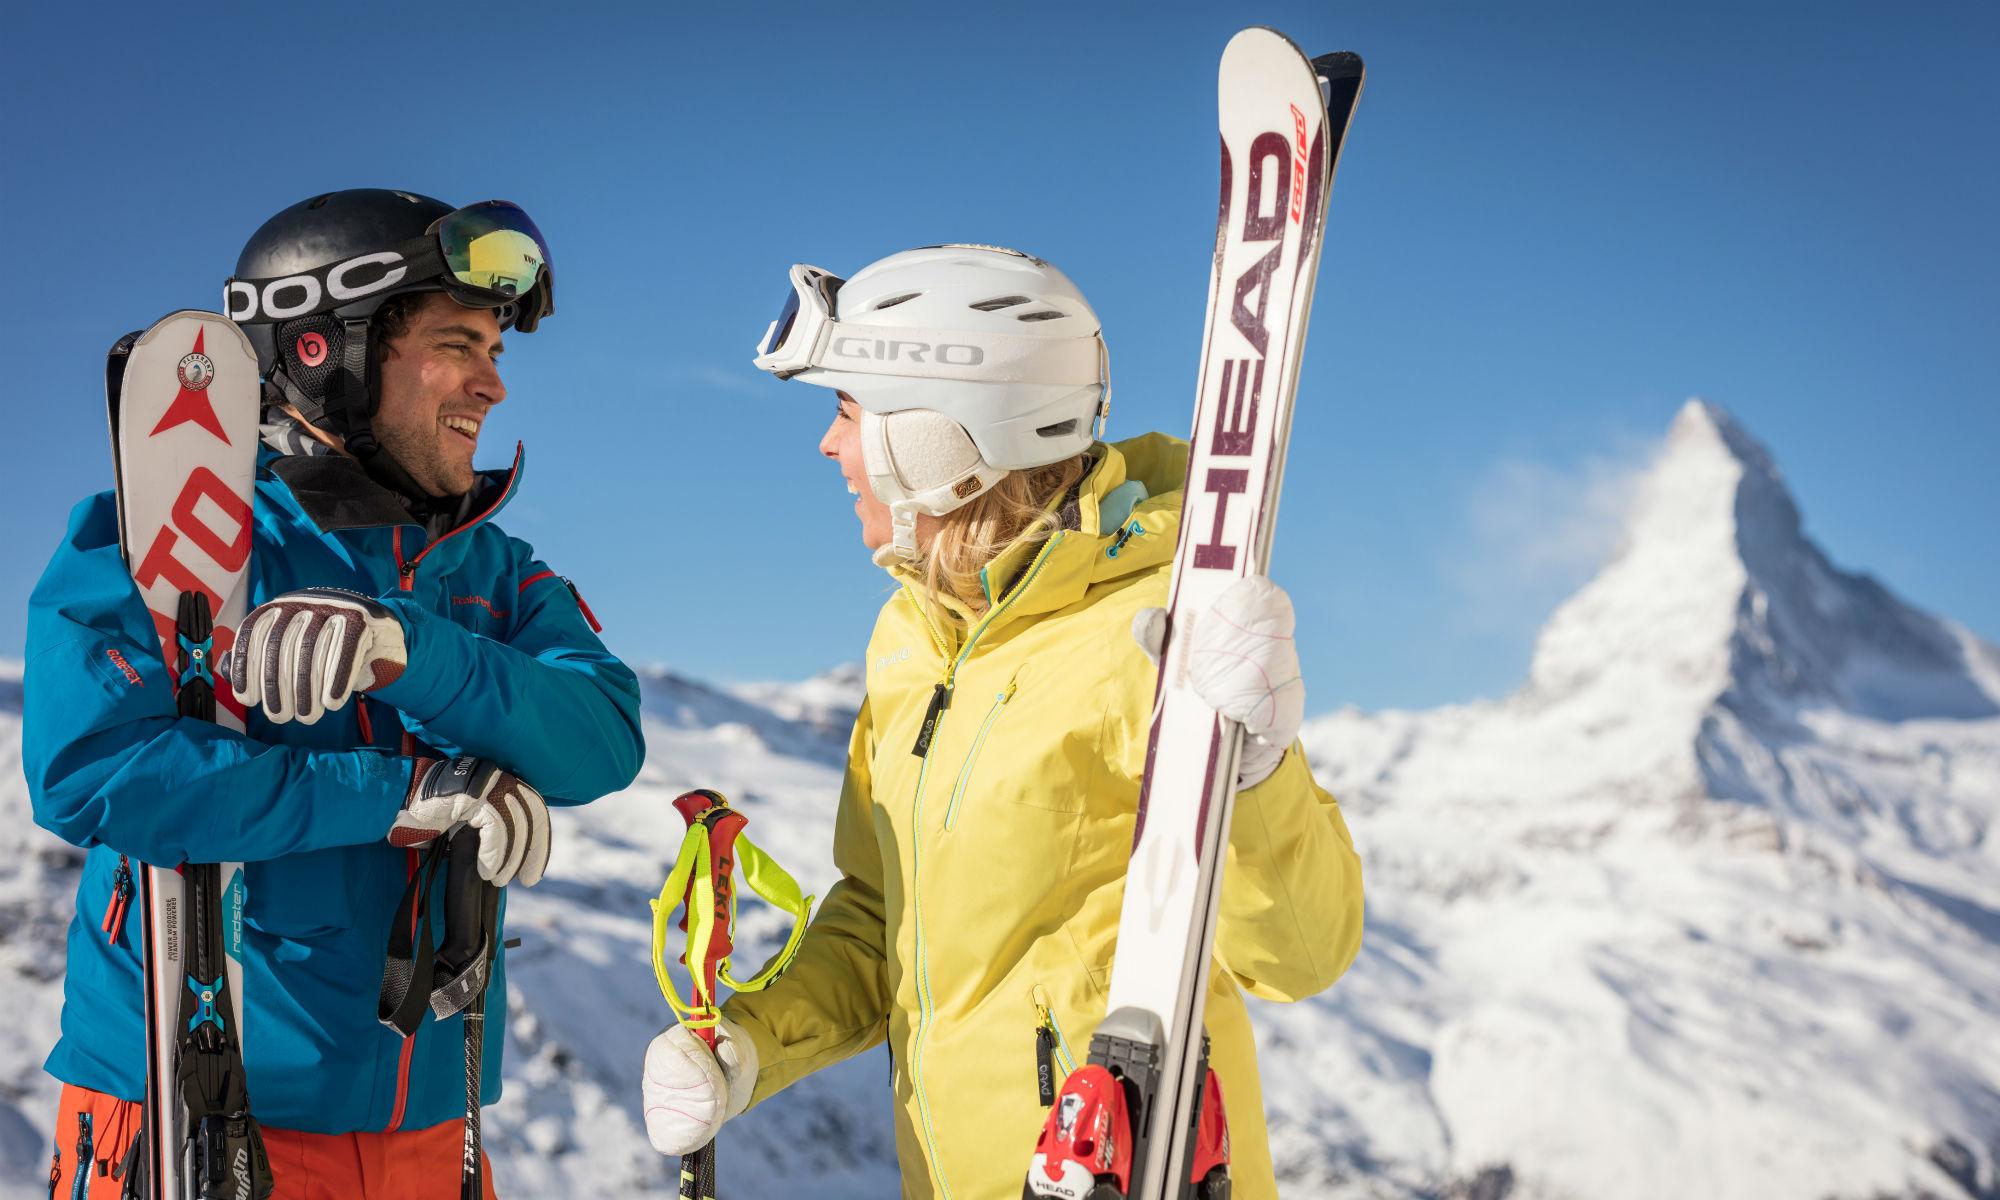 Zwei Skifahrer lachen und unterhalten sich vor dem Gipfel des Matterhorns.